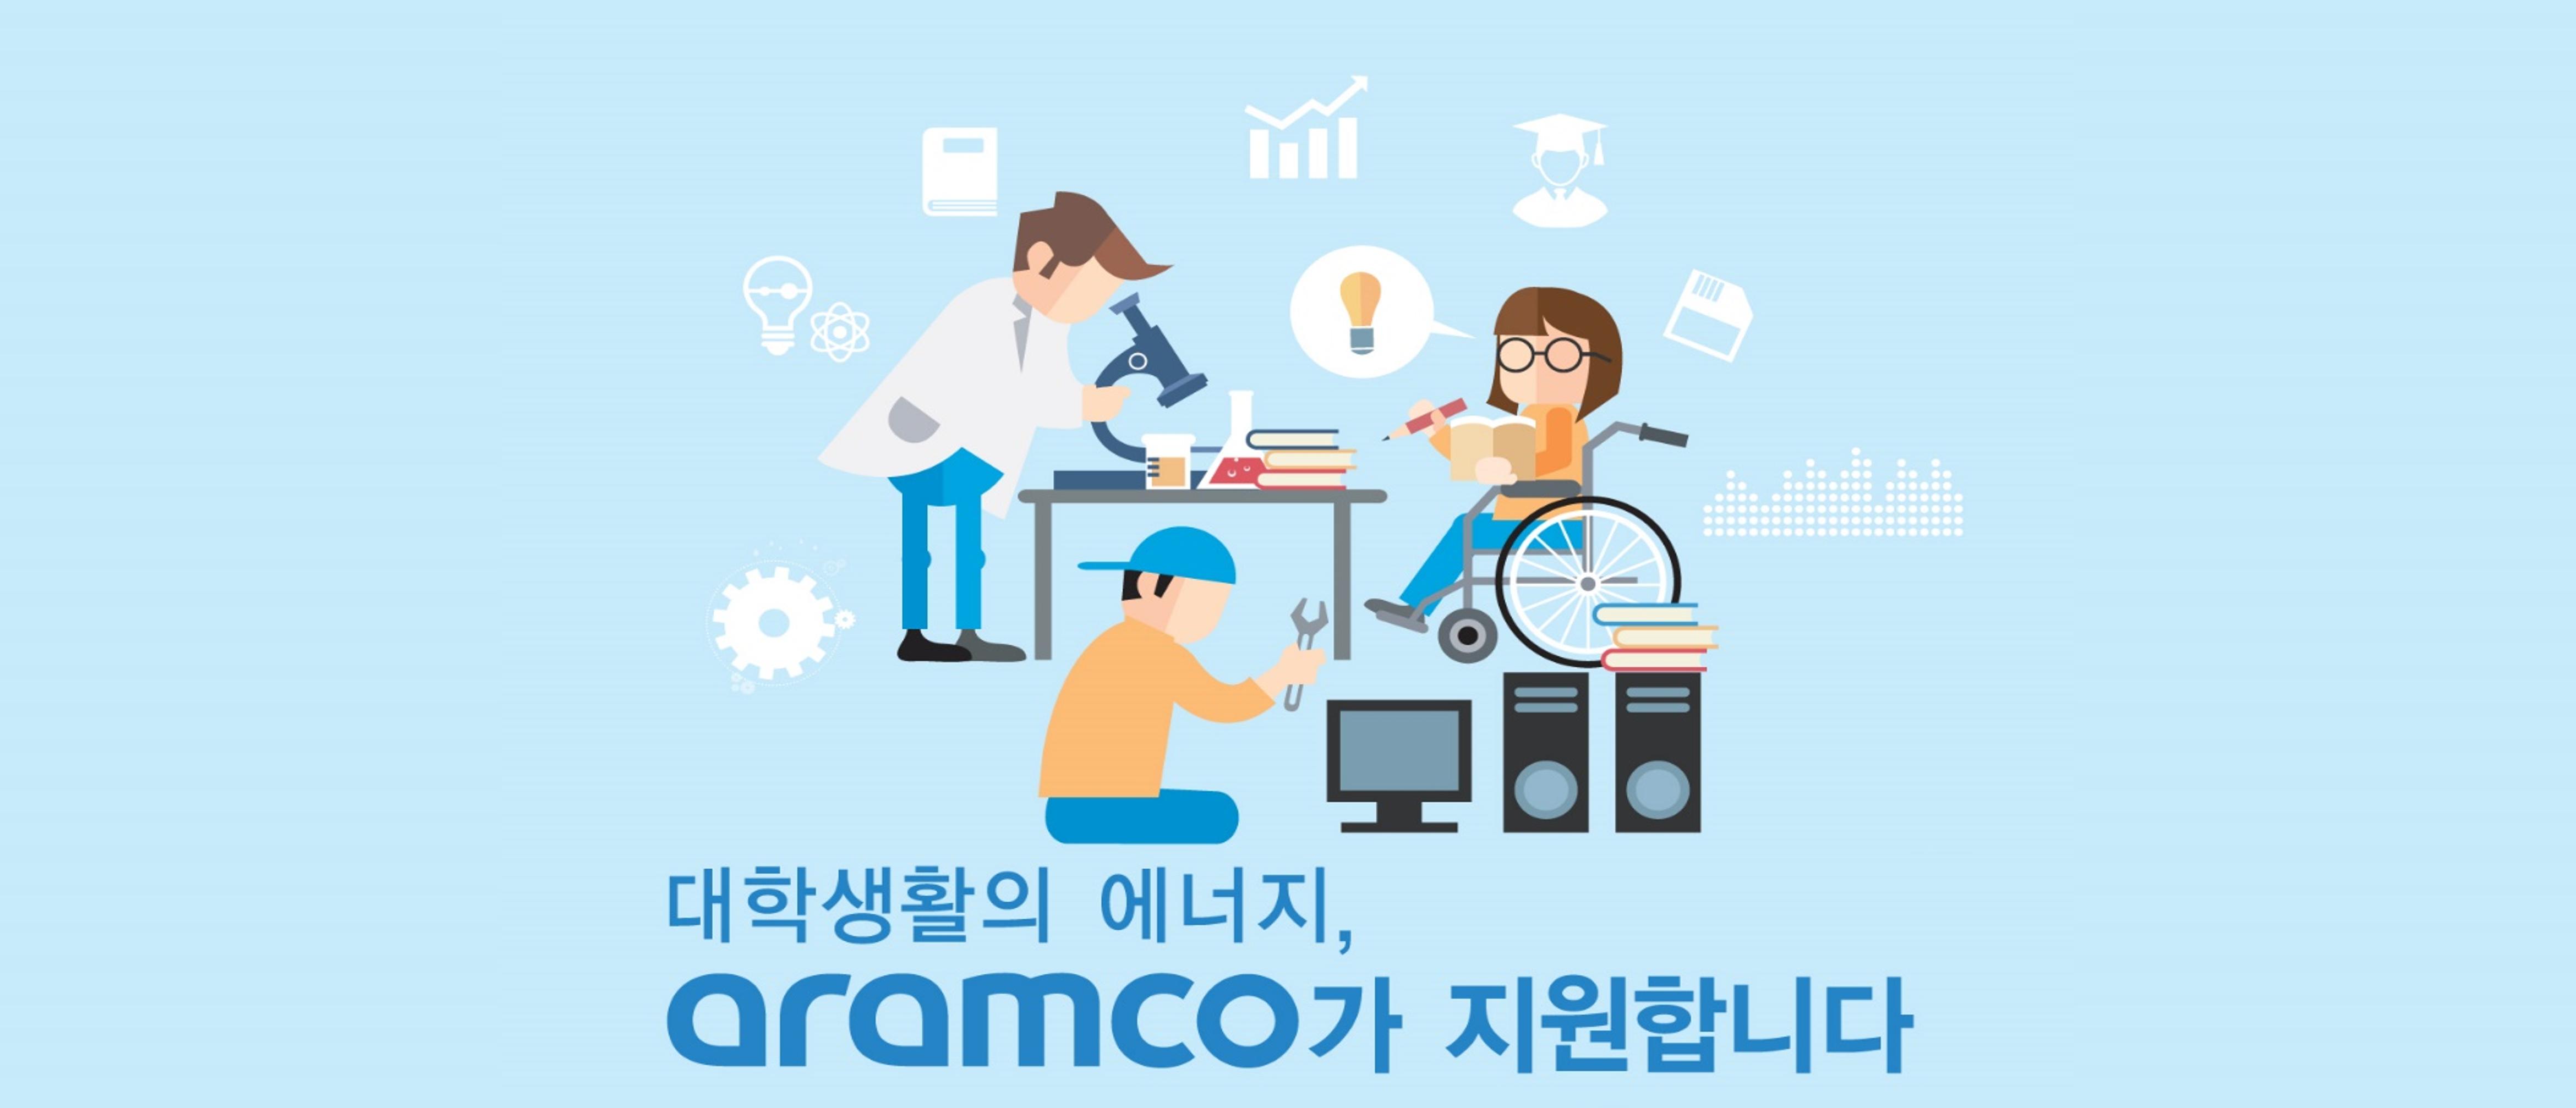 새정부의 장애인 정책 진정성 확인, 2017 국정감사